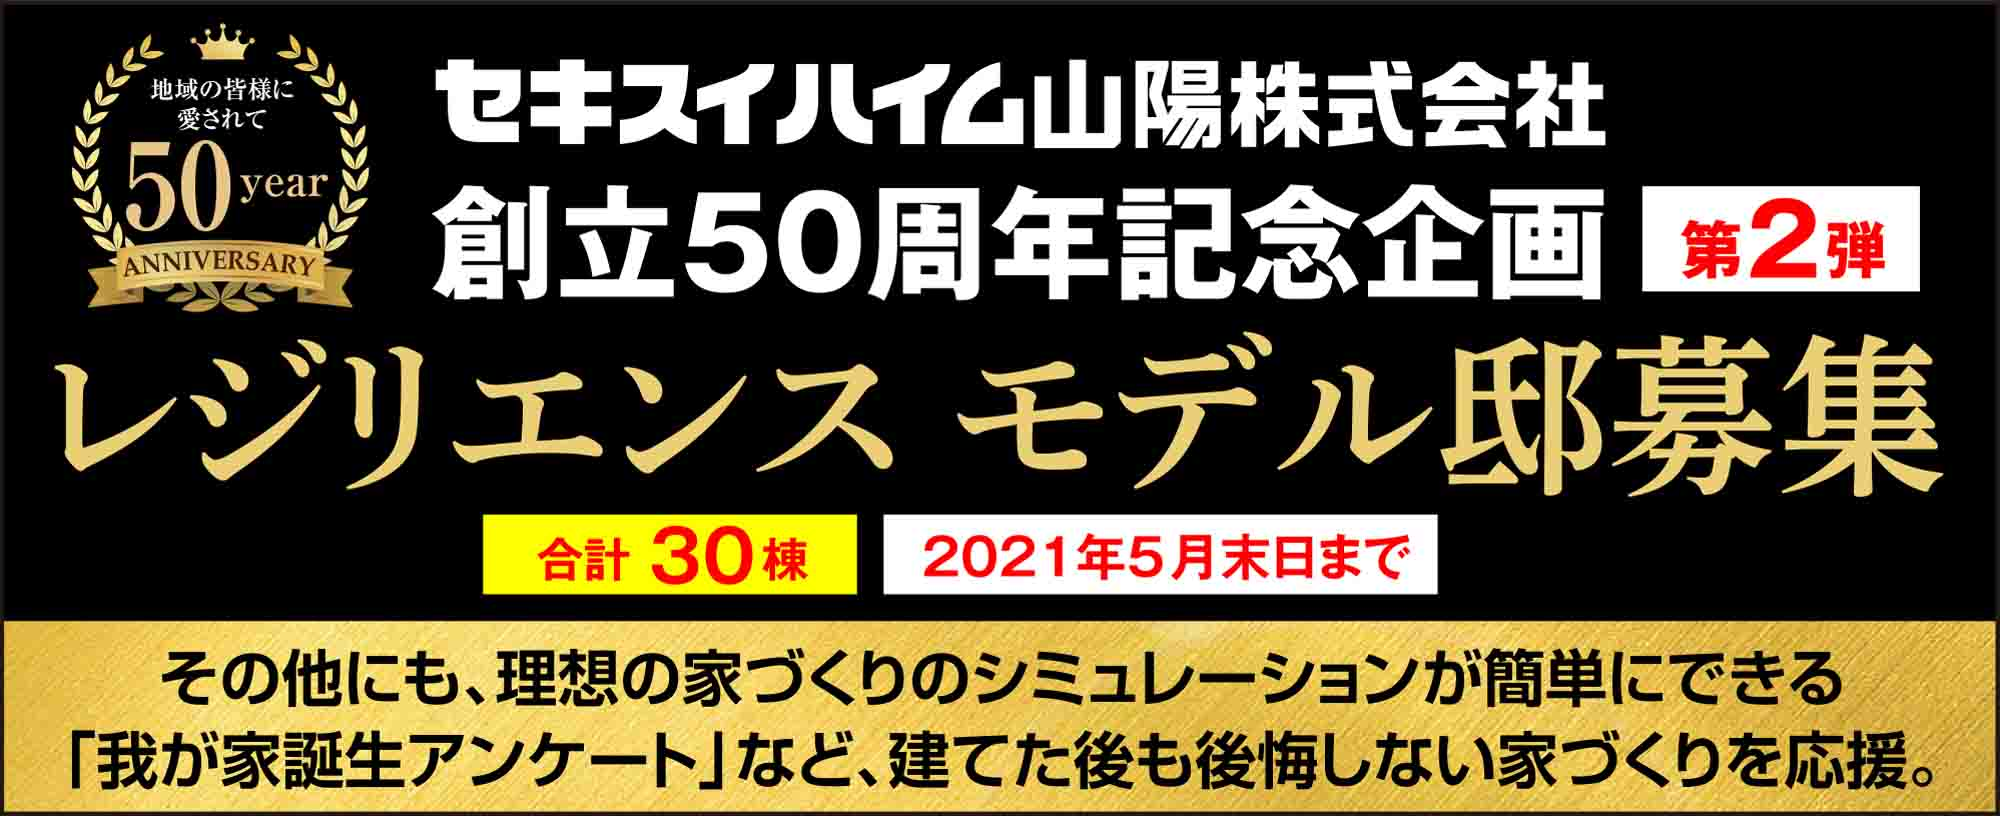 セキスイハイム山陽株式会社 創立50周年 家づくり応援企画 第2段